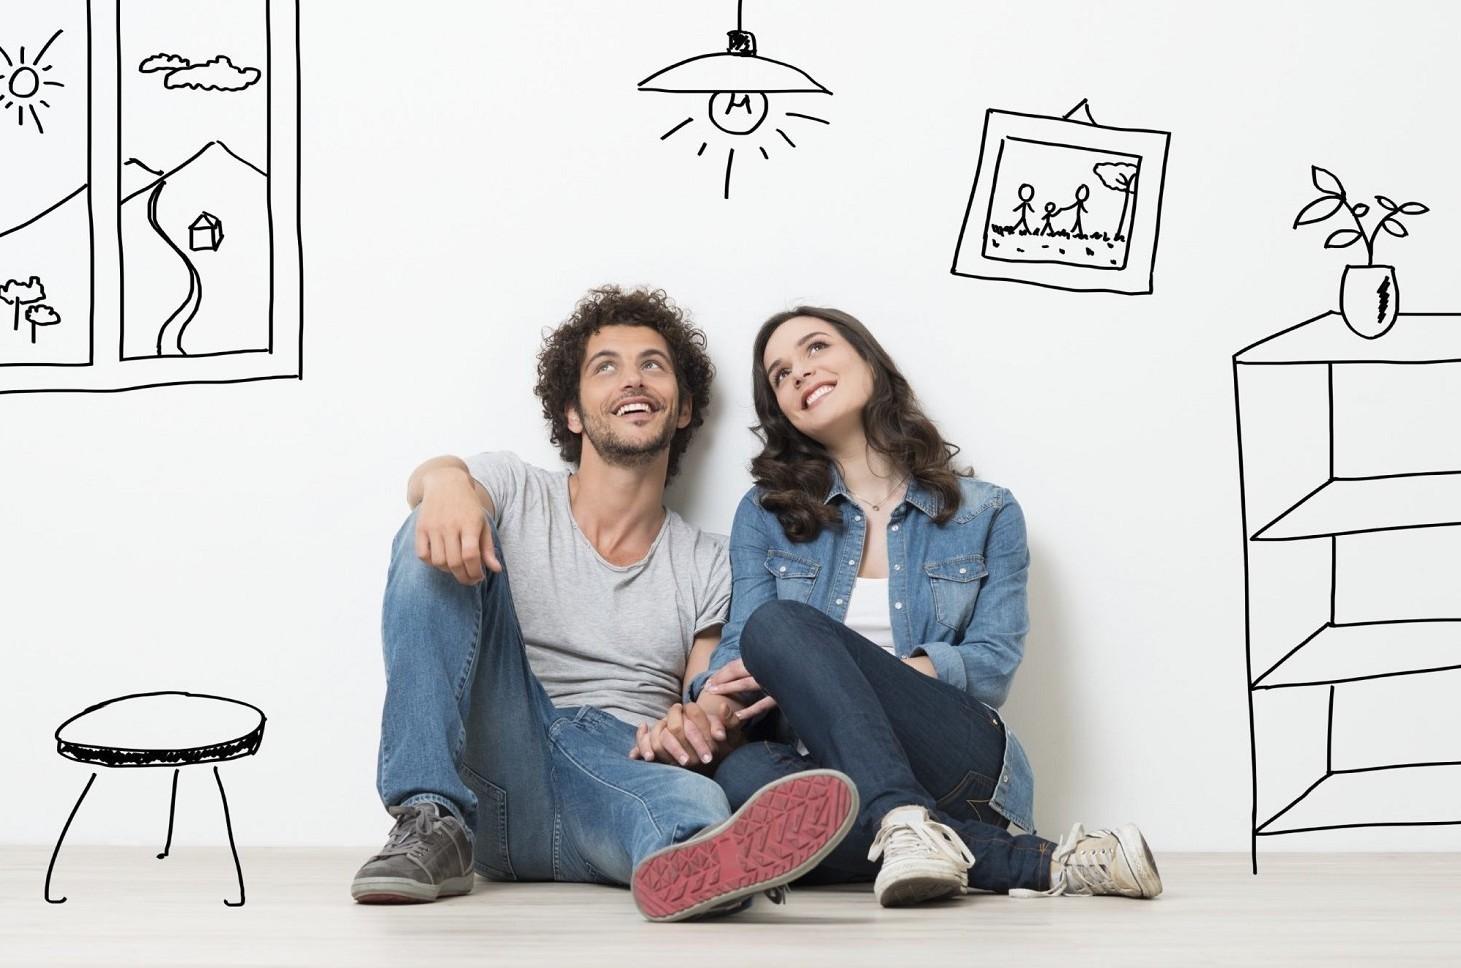 Assegni familiari 2019-2020 a genitori conviventi spettano o no secondo leggi in vigore